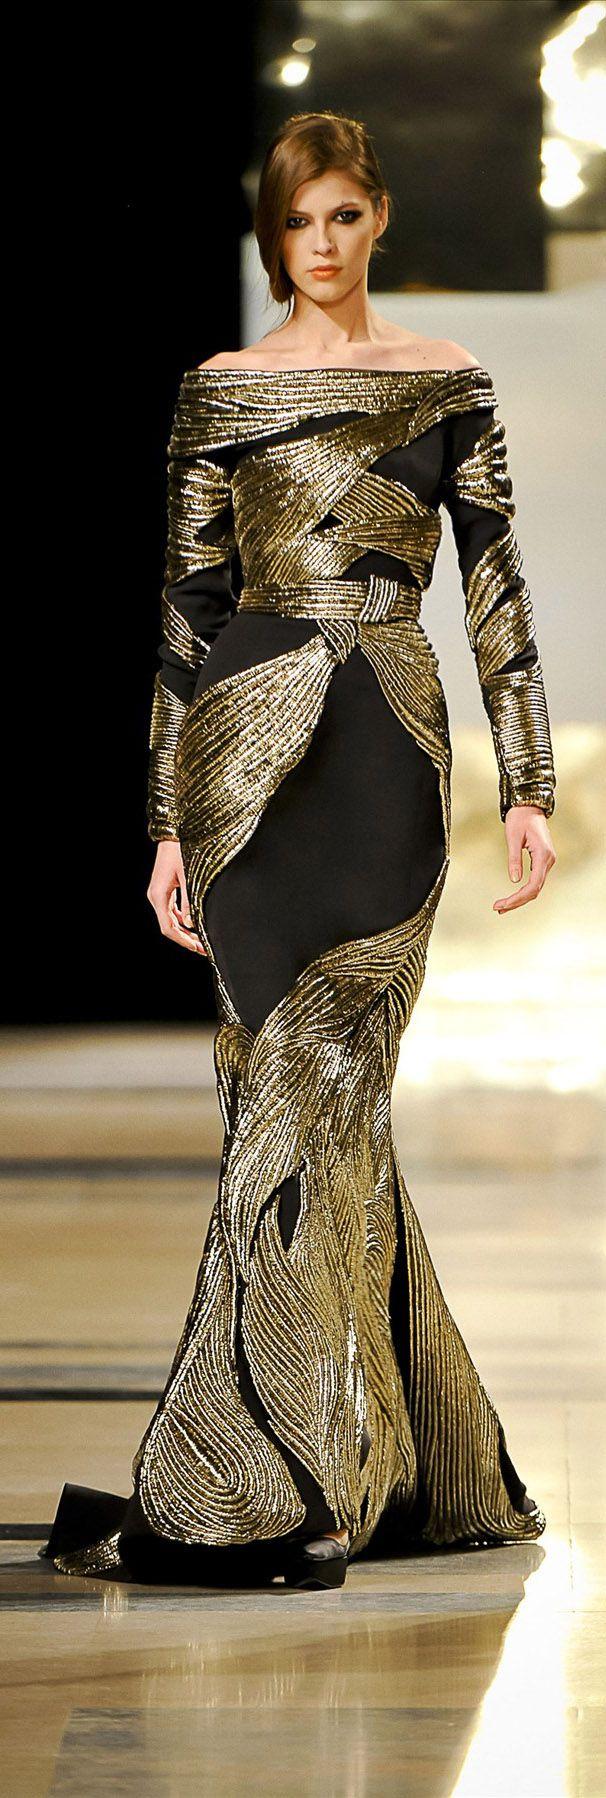 Stéphane Rolland 2011 Haute Couture Paris: Blackgold, Gowns Dresses, Couture Paris, Couture Gowns, Stéphane Rolland, Evening Gowns, Stephane Rolland, Black Gold, Grey Dresses